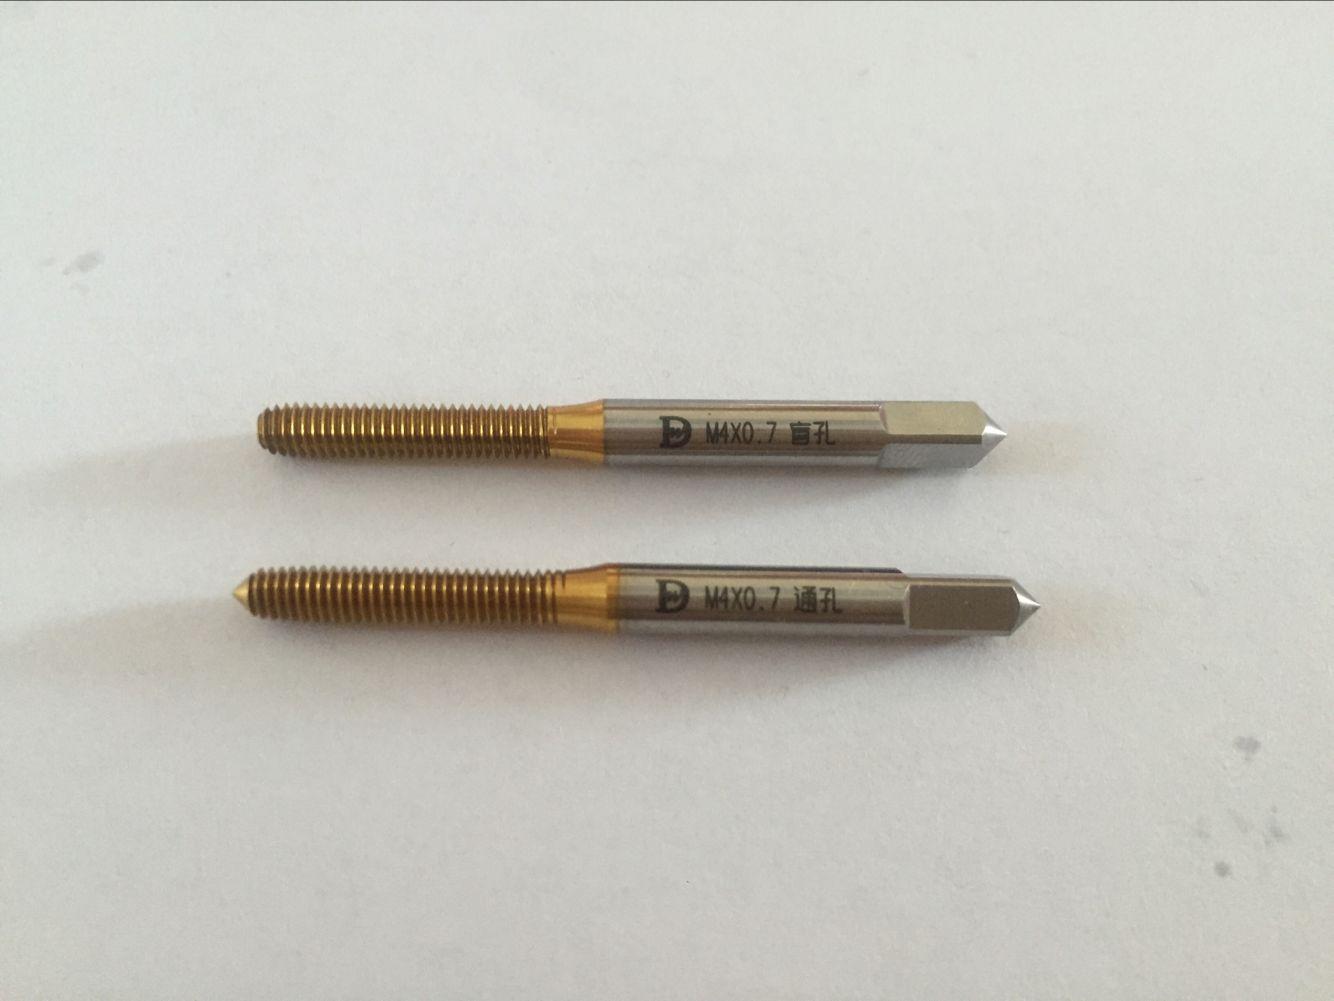 价位合理的优势批发DW镀钛挤压丝攻丝锥——好用的DW镀钛挤压丝攻丝锥供销